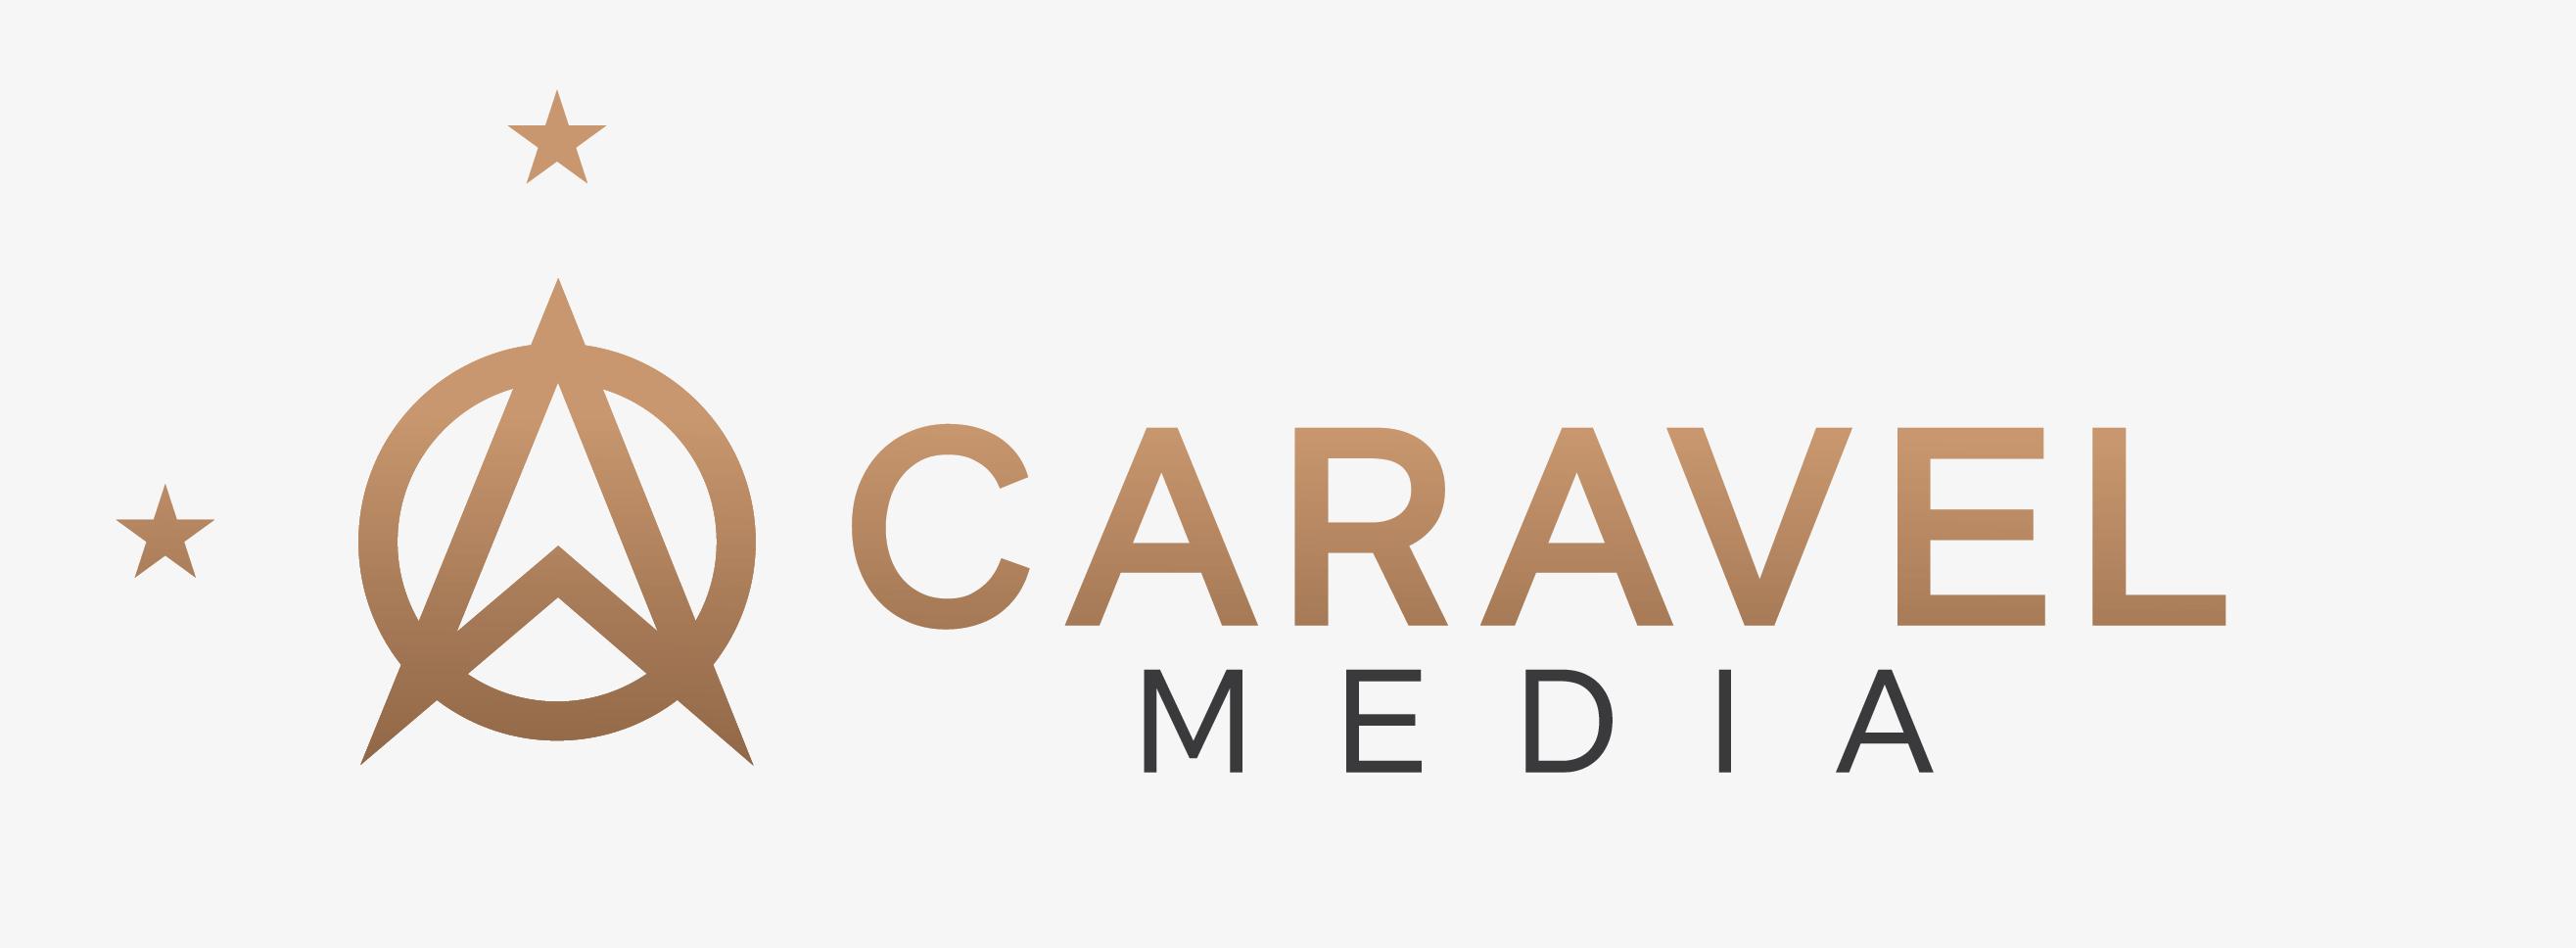 Caravel Media